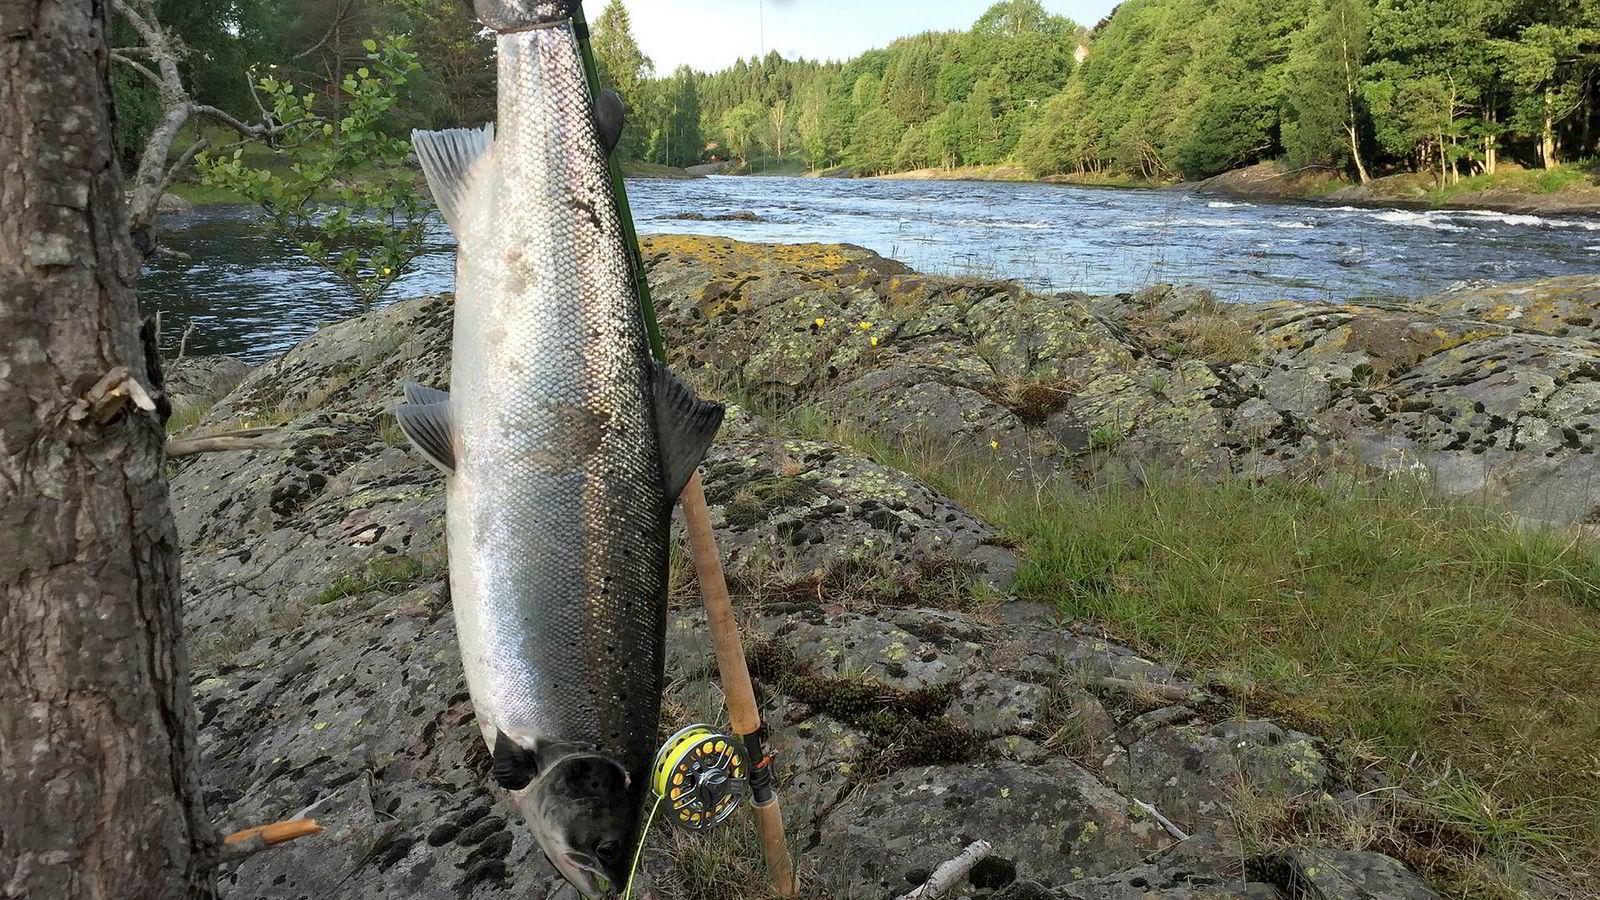 De lave fangstene av laks, sjøørret og sjørøye i norske i fjor skyldtes den varme og tørre sommeren med lite vann i mange av elvene.